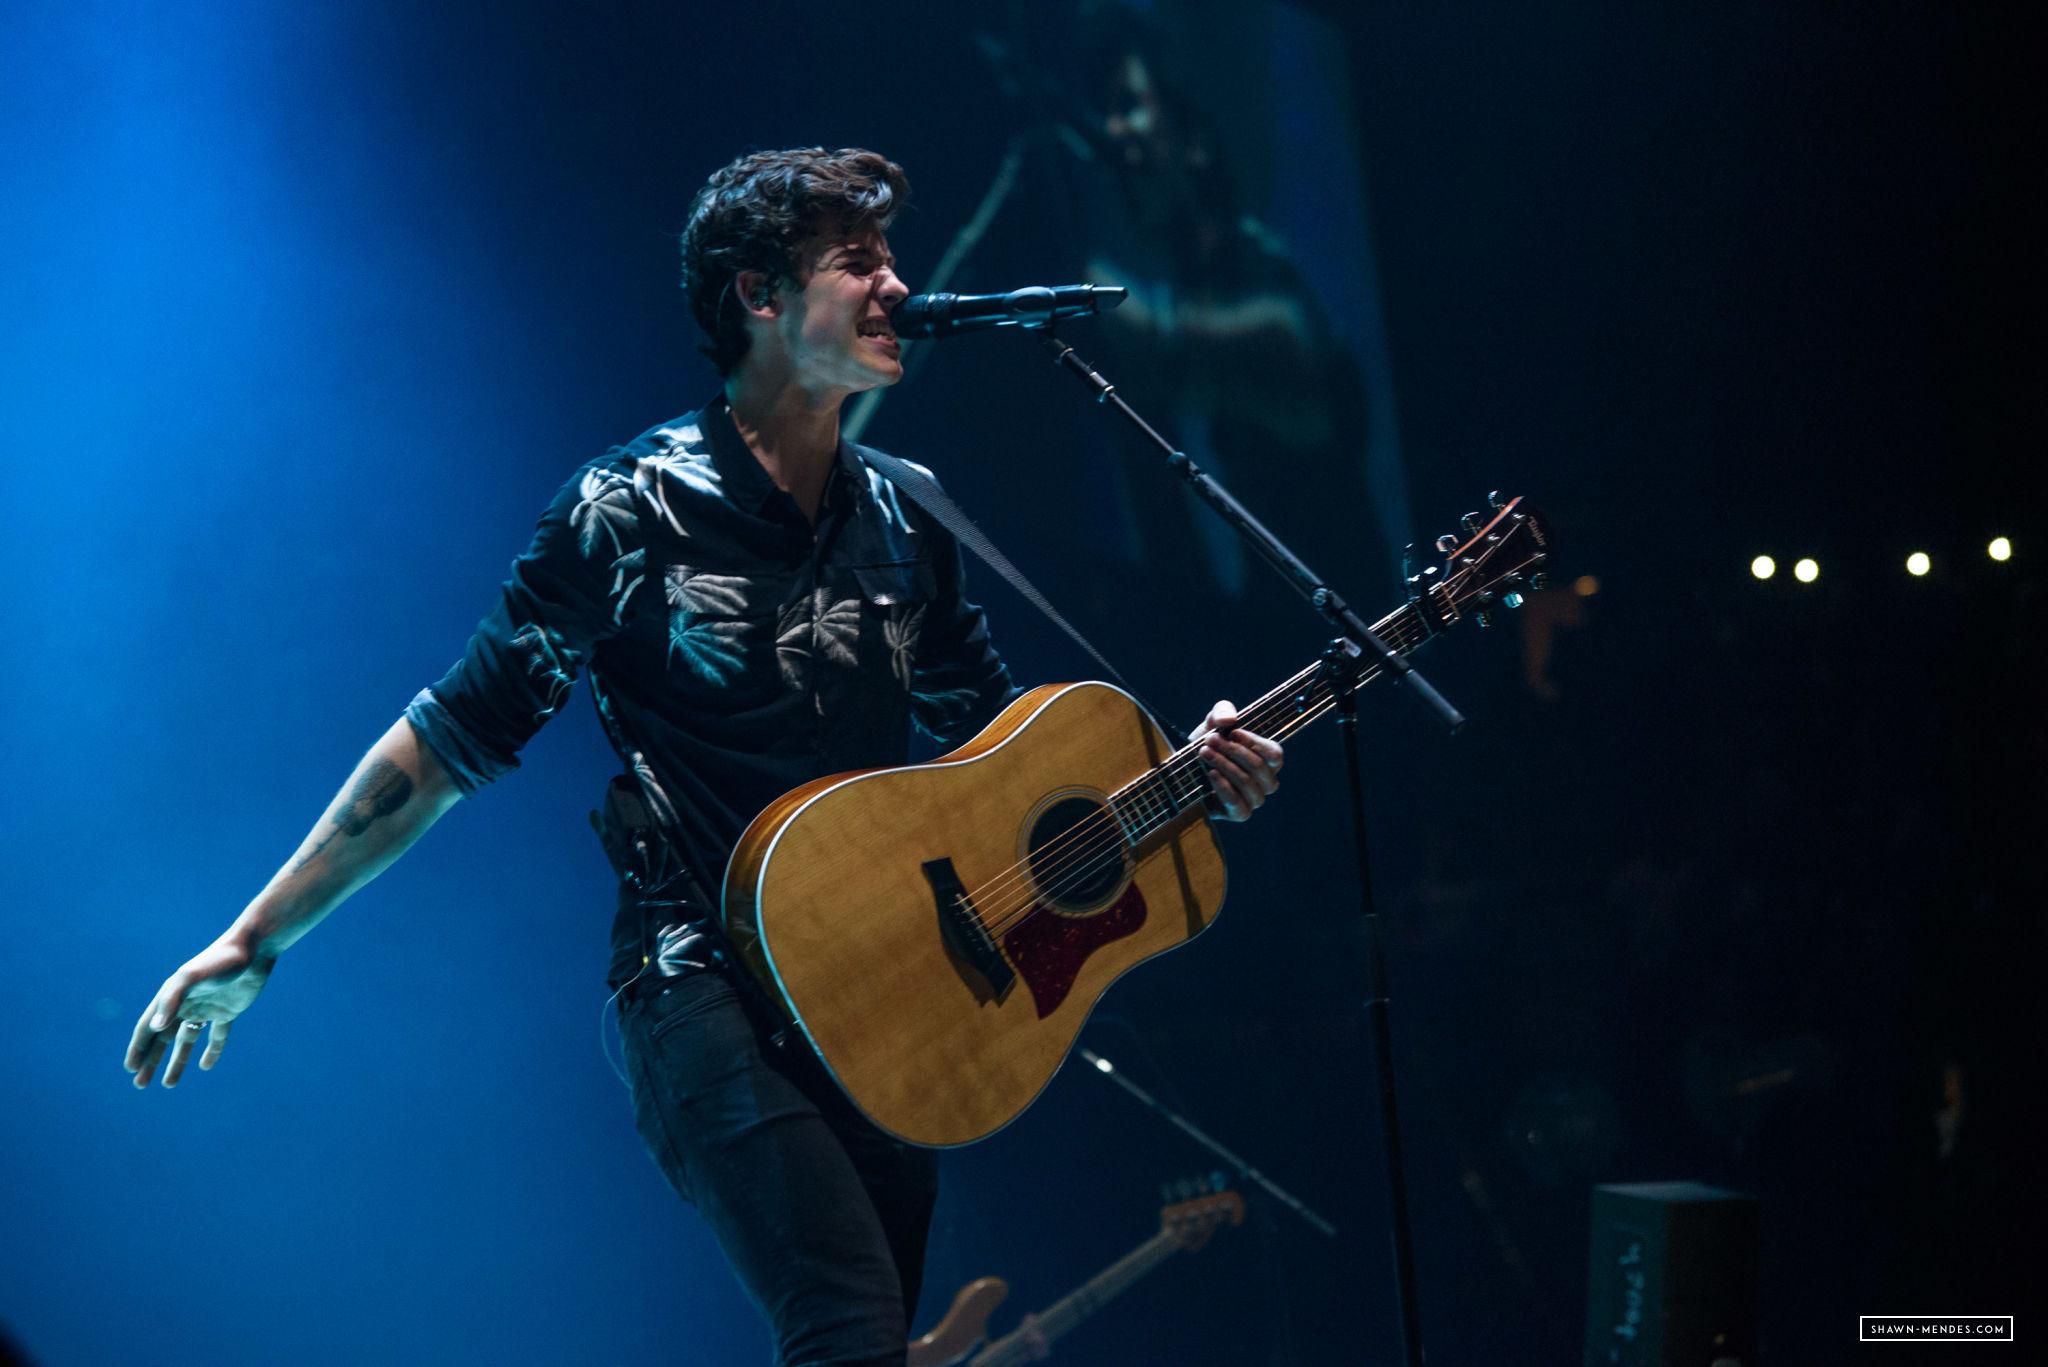 Shawn Mendes fala sobre ansiedade, turnês mundiais e encontrar o amor para Sunday Times UK